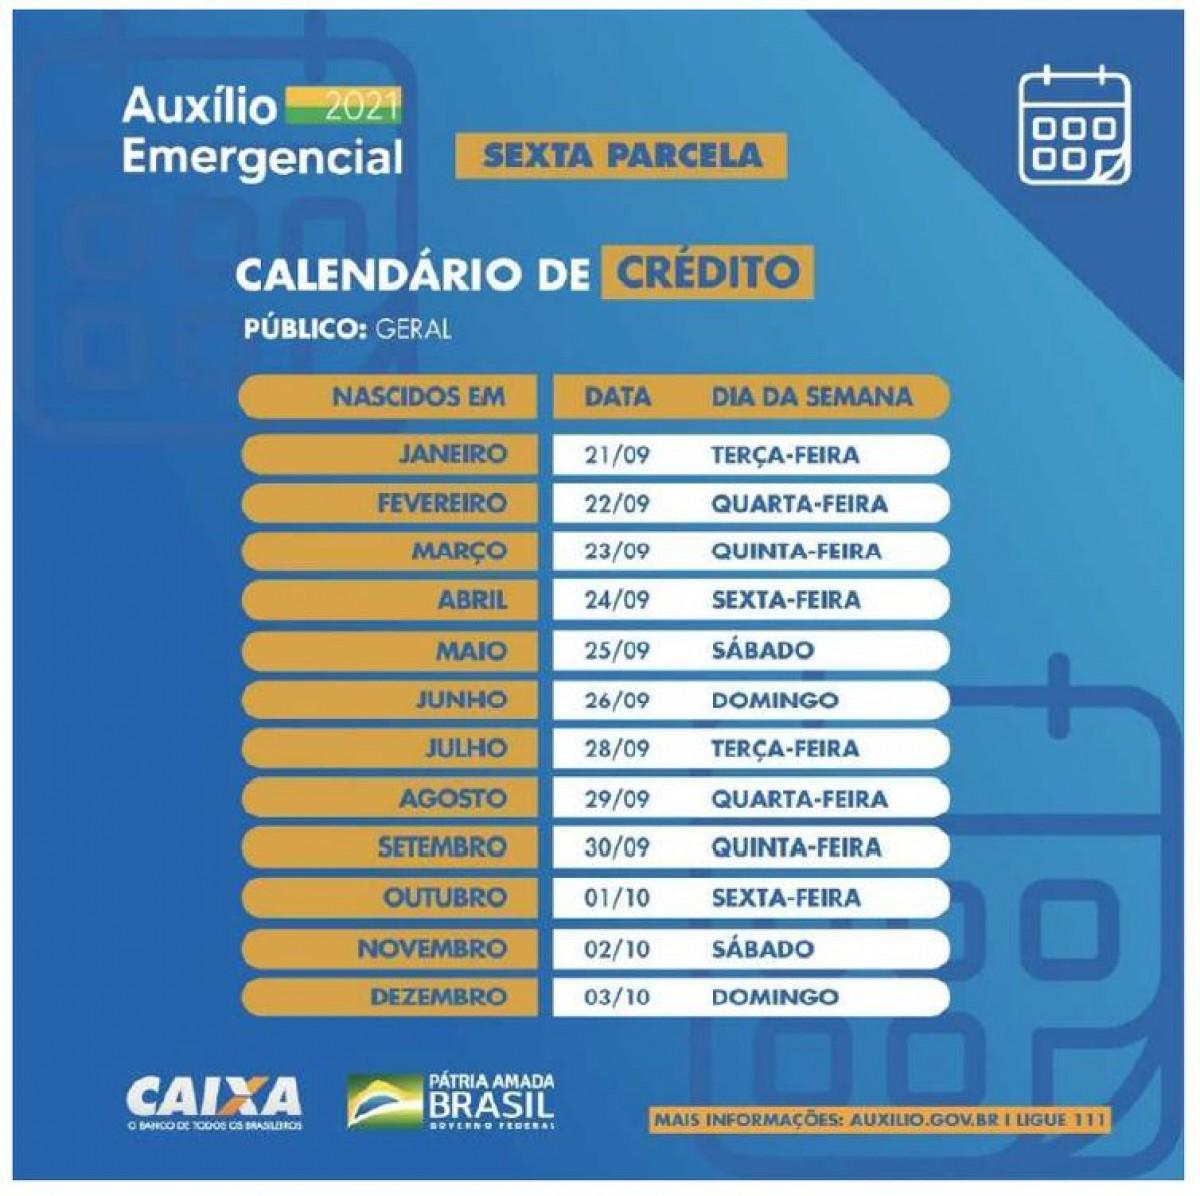 Calendário de pagamento da sexta parcela do auxílio emergencial (Imagem: Divulgação/ Caixa)